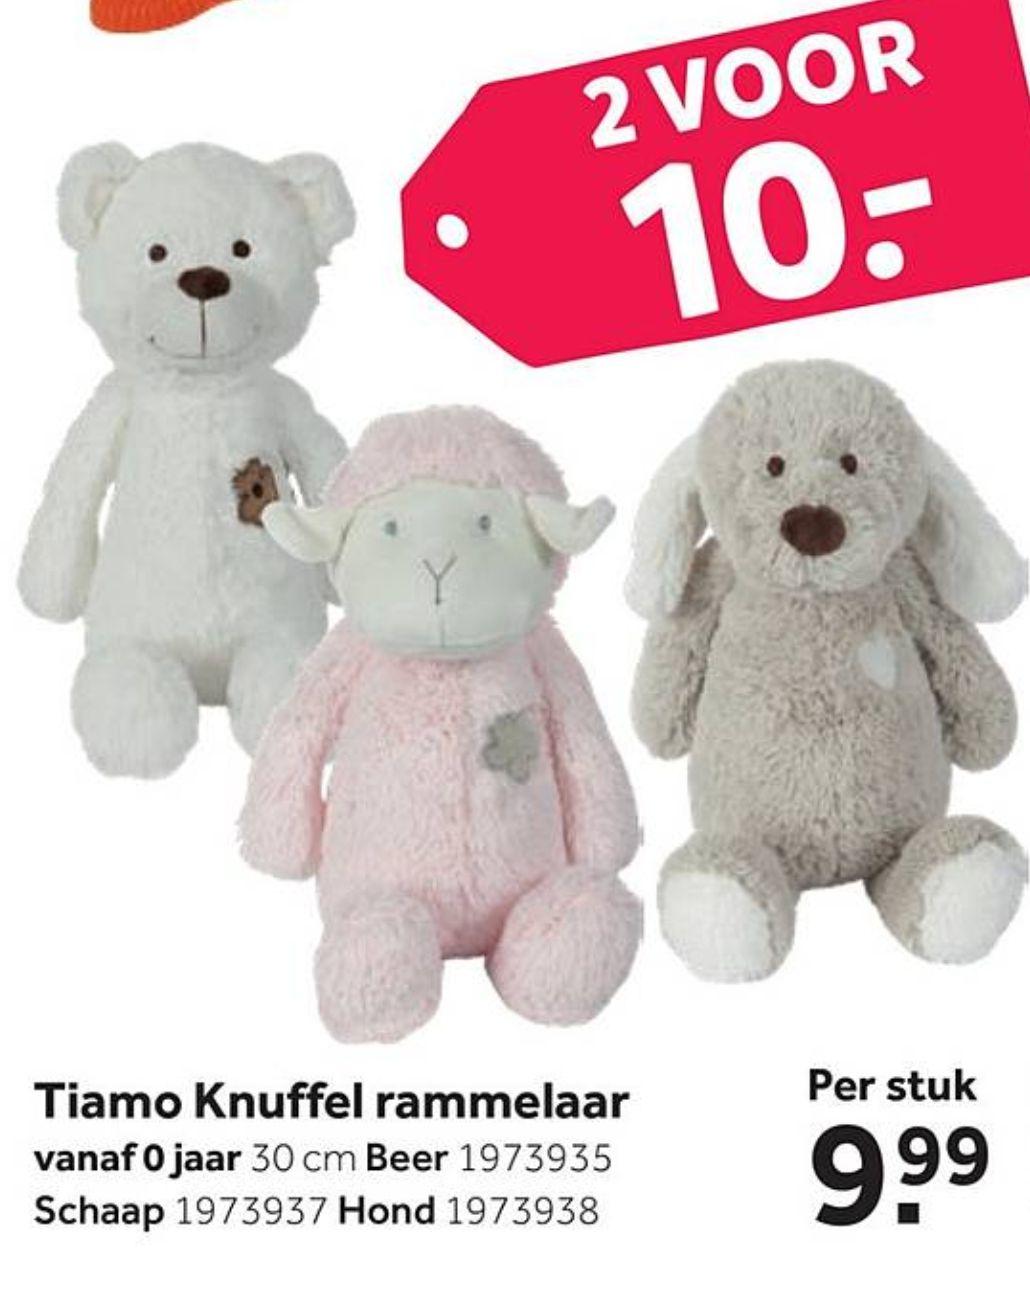 Tiamo Knuffel rammelaars 2 voor €10 (i.p.v. €9,99 per stuk) @Intertoys